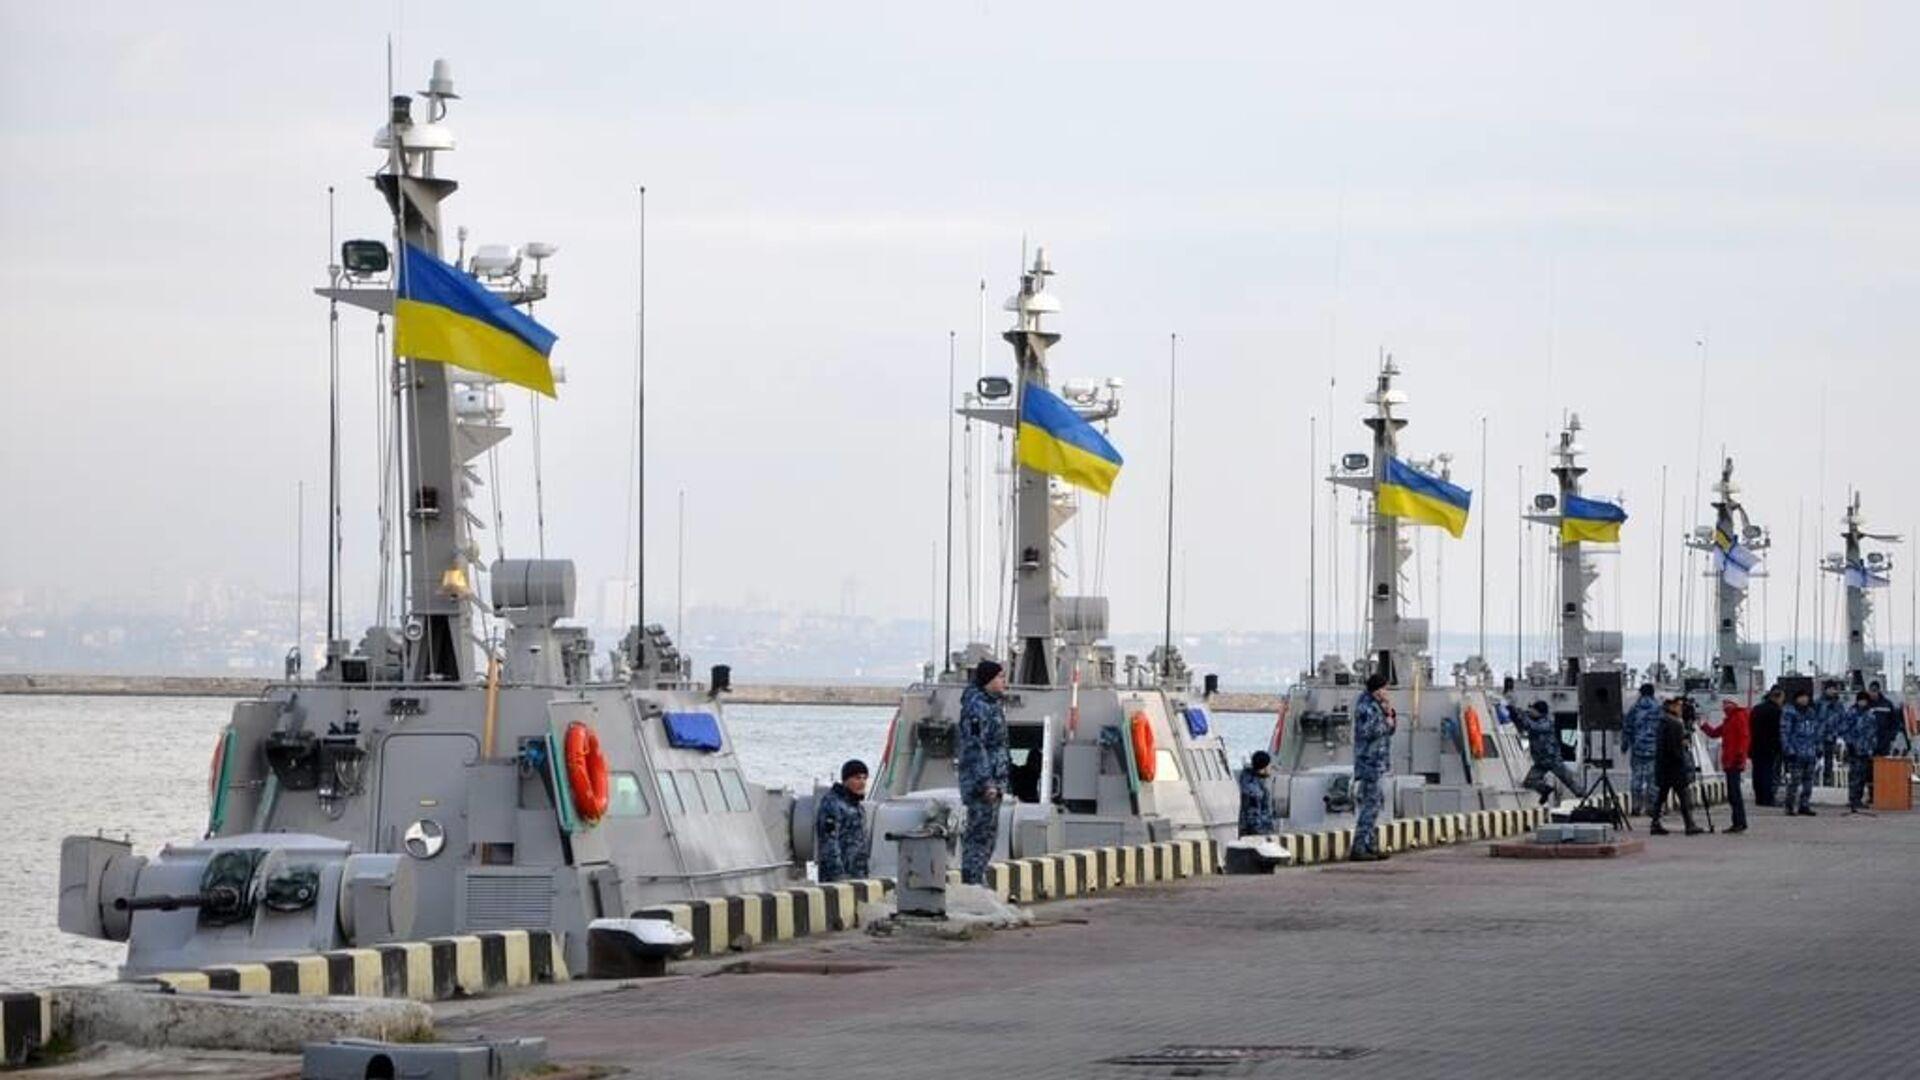 Катера ВМС Украины в порту Одессы - РИА Новости, 1920, 21.10.2020